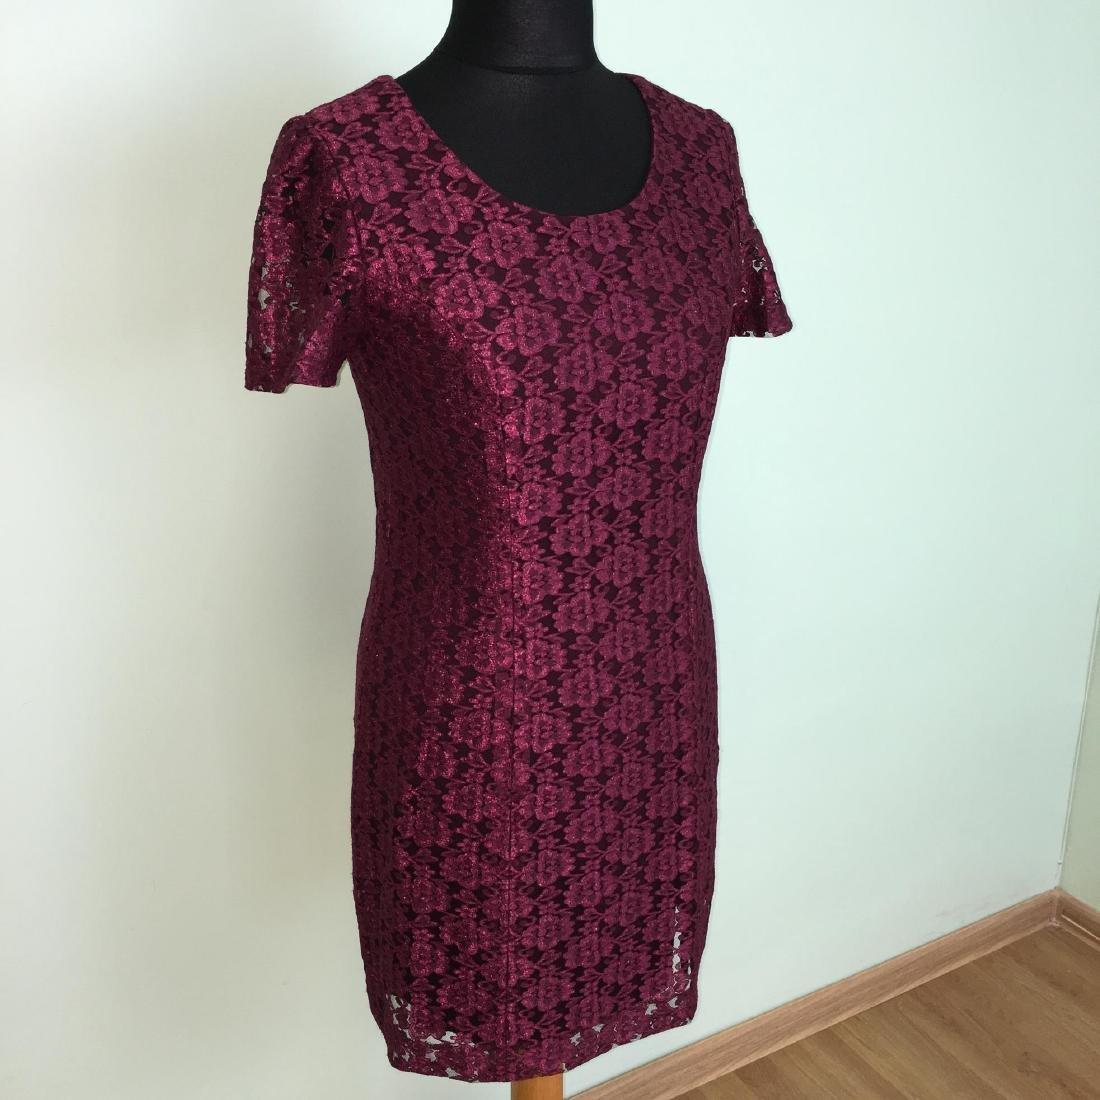 Vintage Women's Evening Coctail Dress - 2